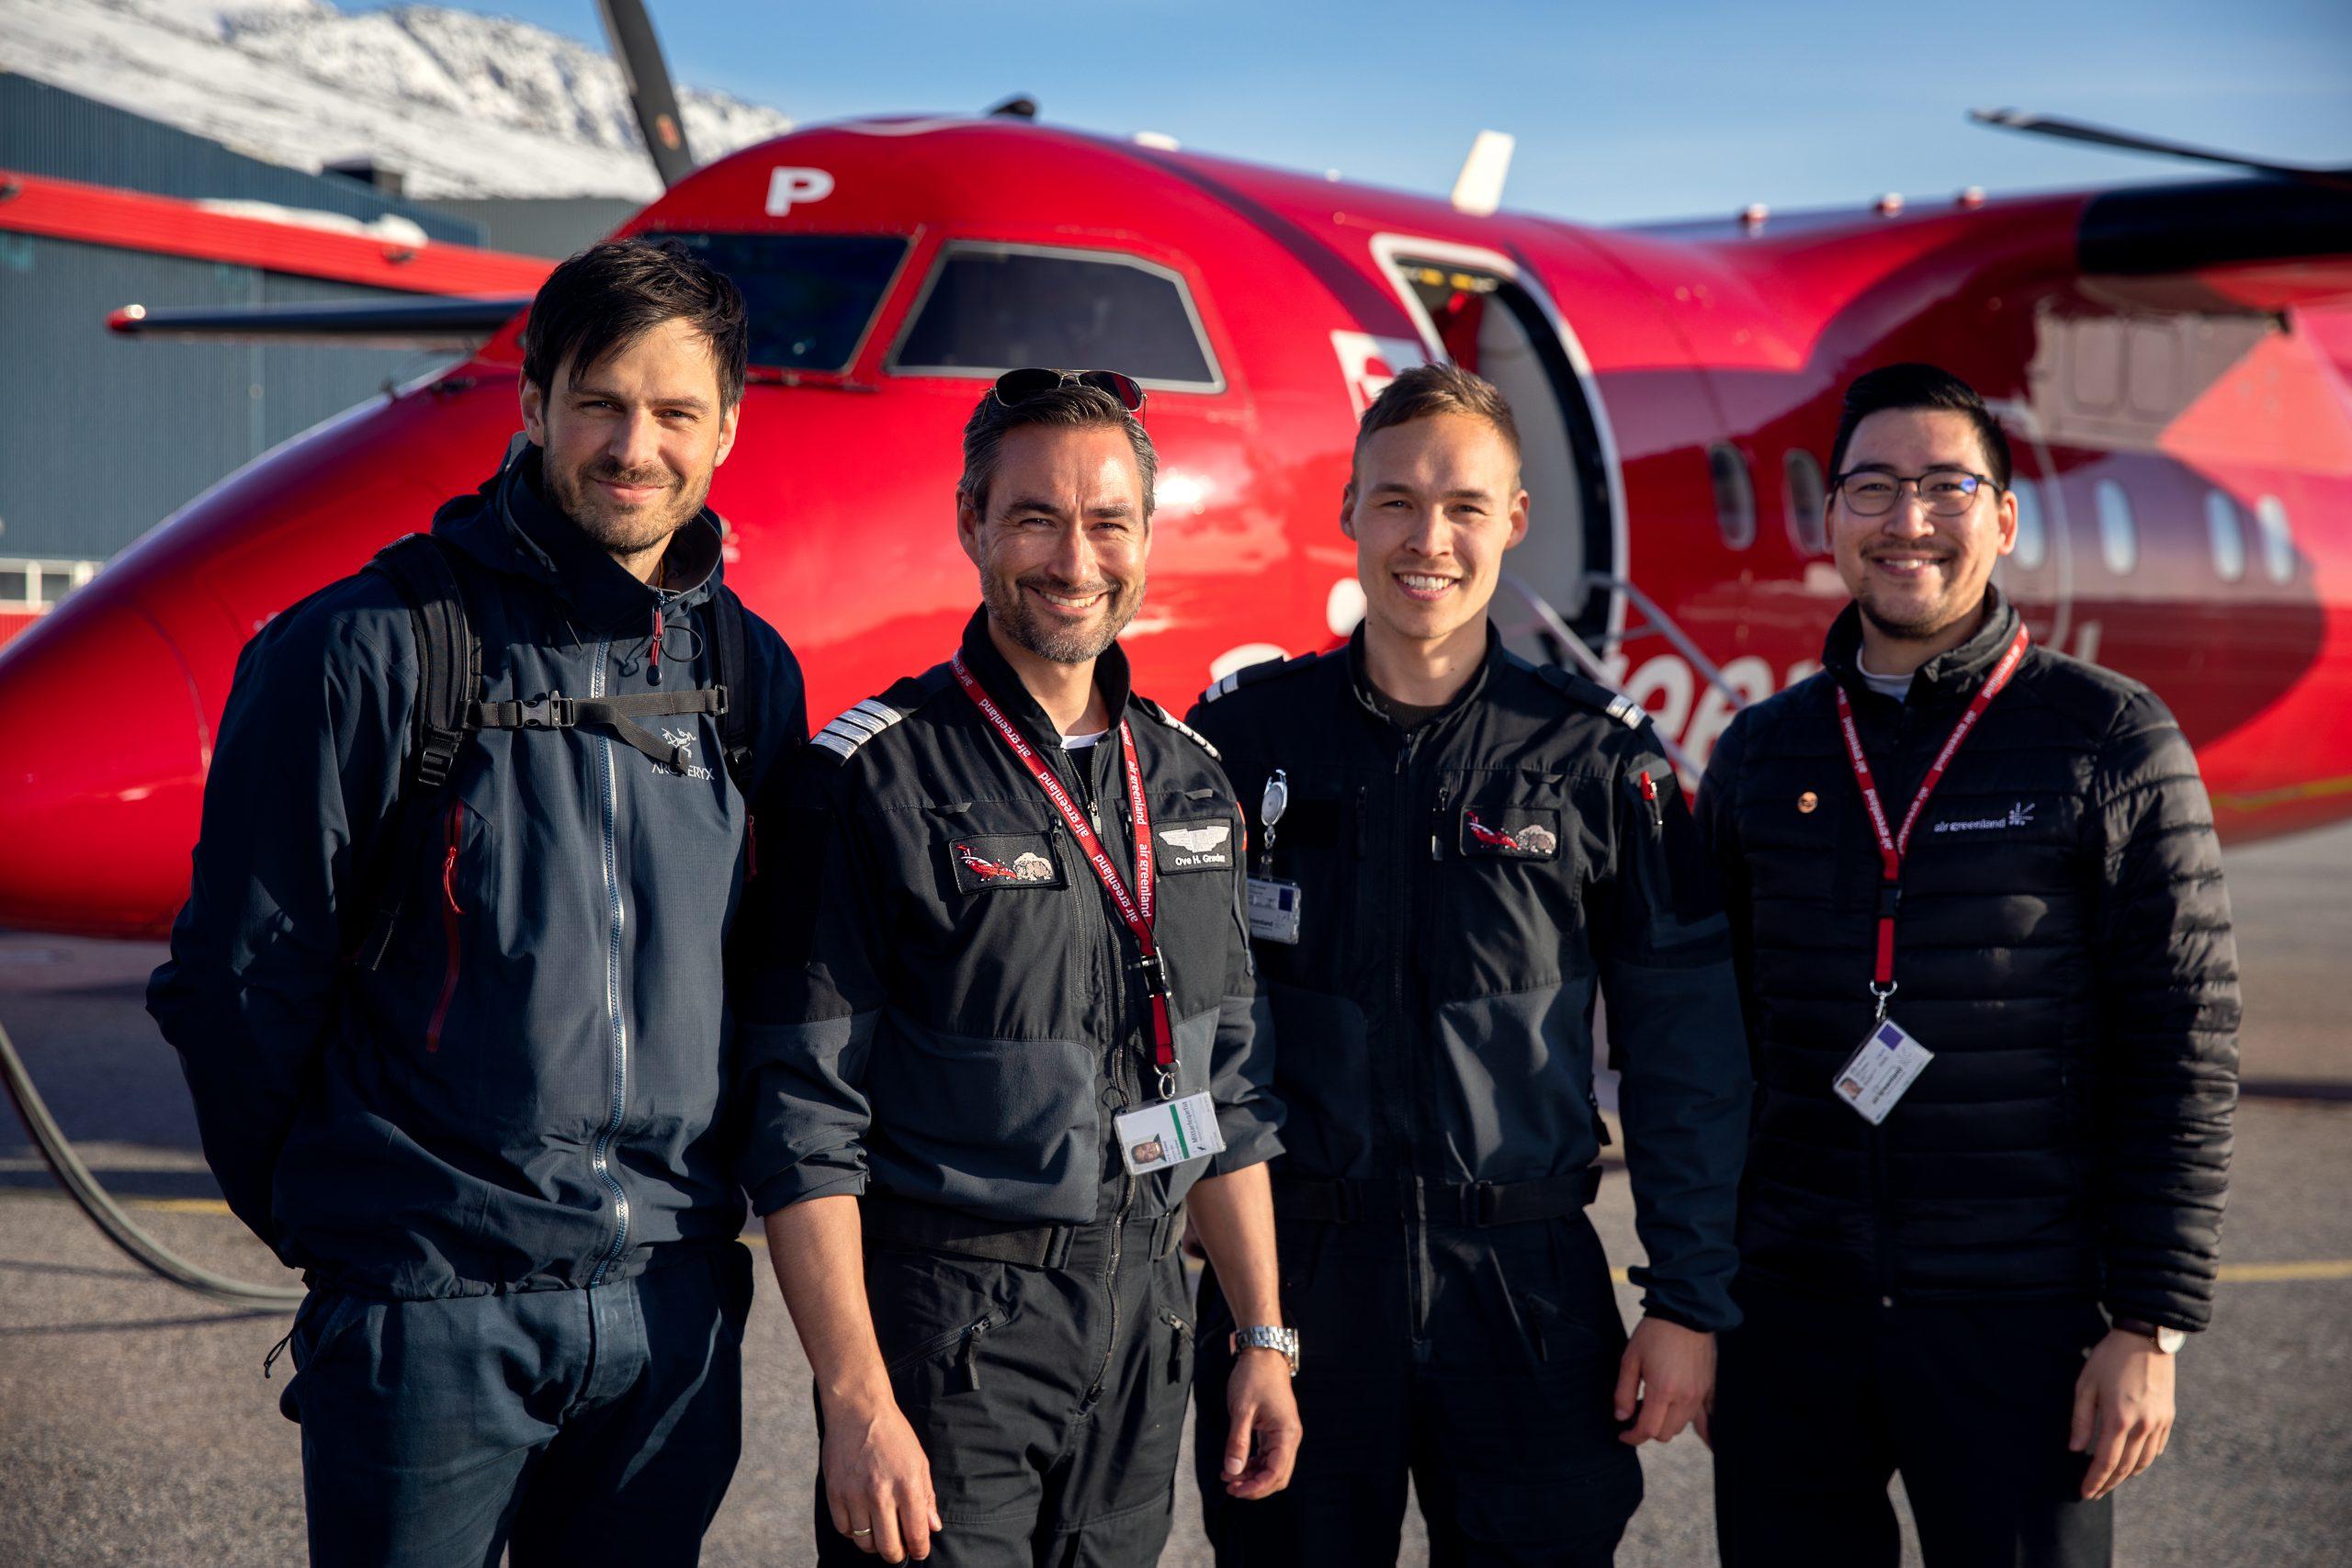 Fire personer var om bord på Dash-8-flyet fra Air Greenland, der foretog den historiske flyvning. Fra venstre: Læge Jakob Schröder, kaptajn Ove Heilmann Grødem, styrmand Alex Max Nathansen og kabinebesætningsmedlemmet Edvard Hammond. Foto: Emil Stach/Air Greenland